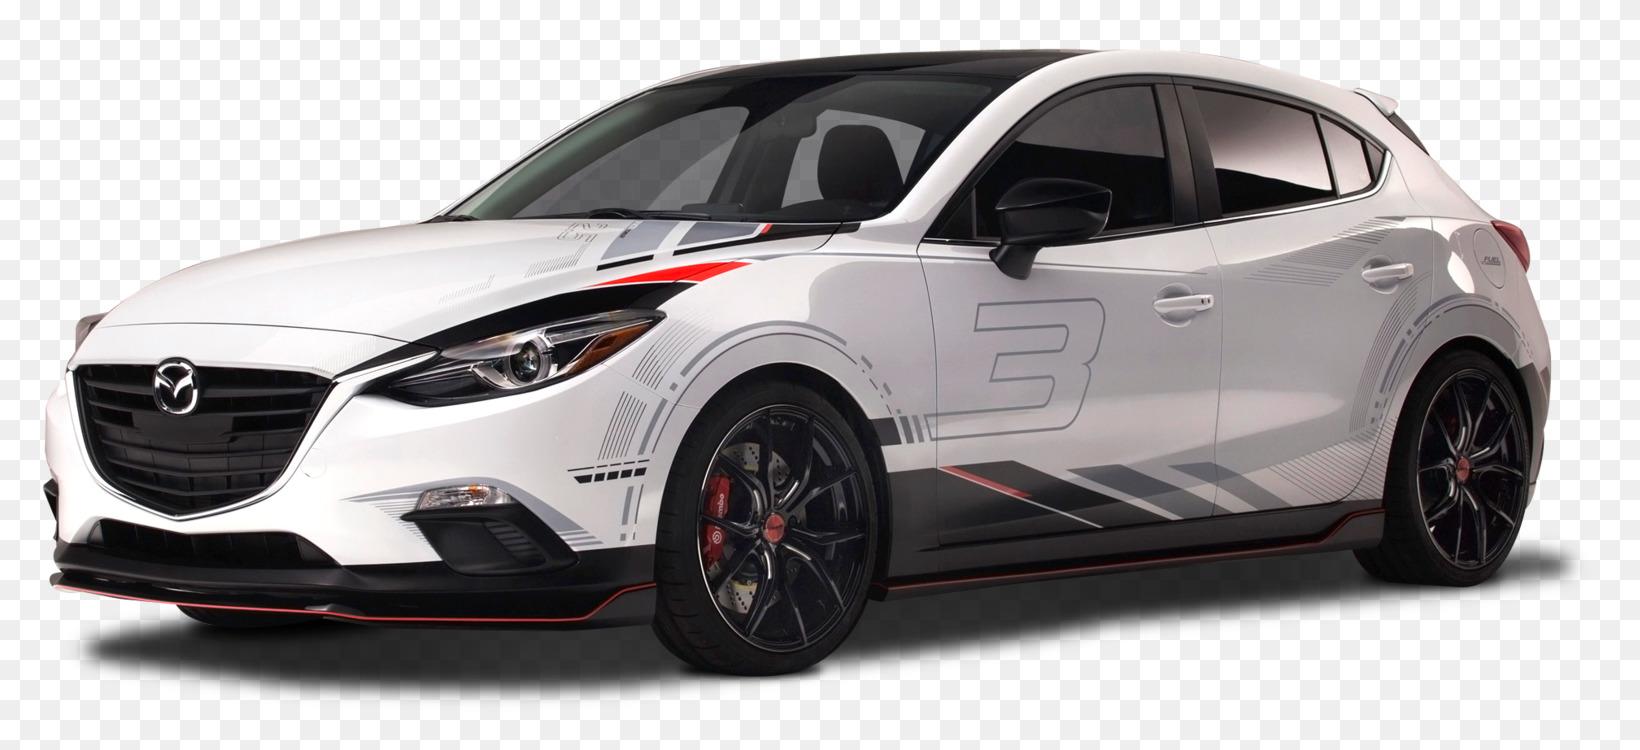 2016 Mazda3 Car Mazda6 2012 Mazda3 Free Png Image Mazda Car 2016